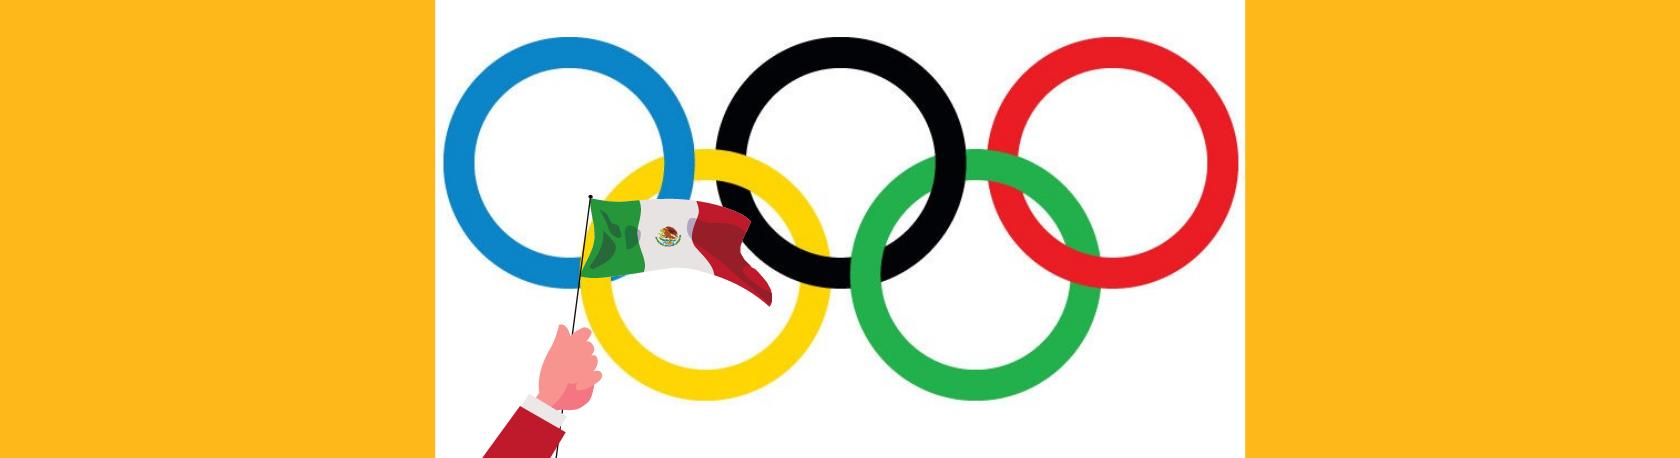 ¿Sabías que sólo dos países hispano hablantes han sido anfitriones de los Juegos Olímpicos de verano?